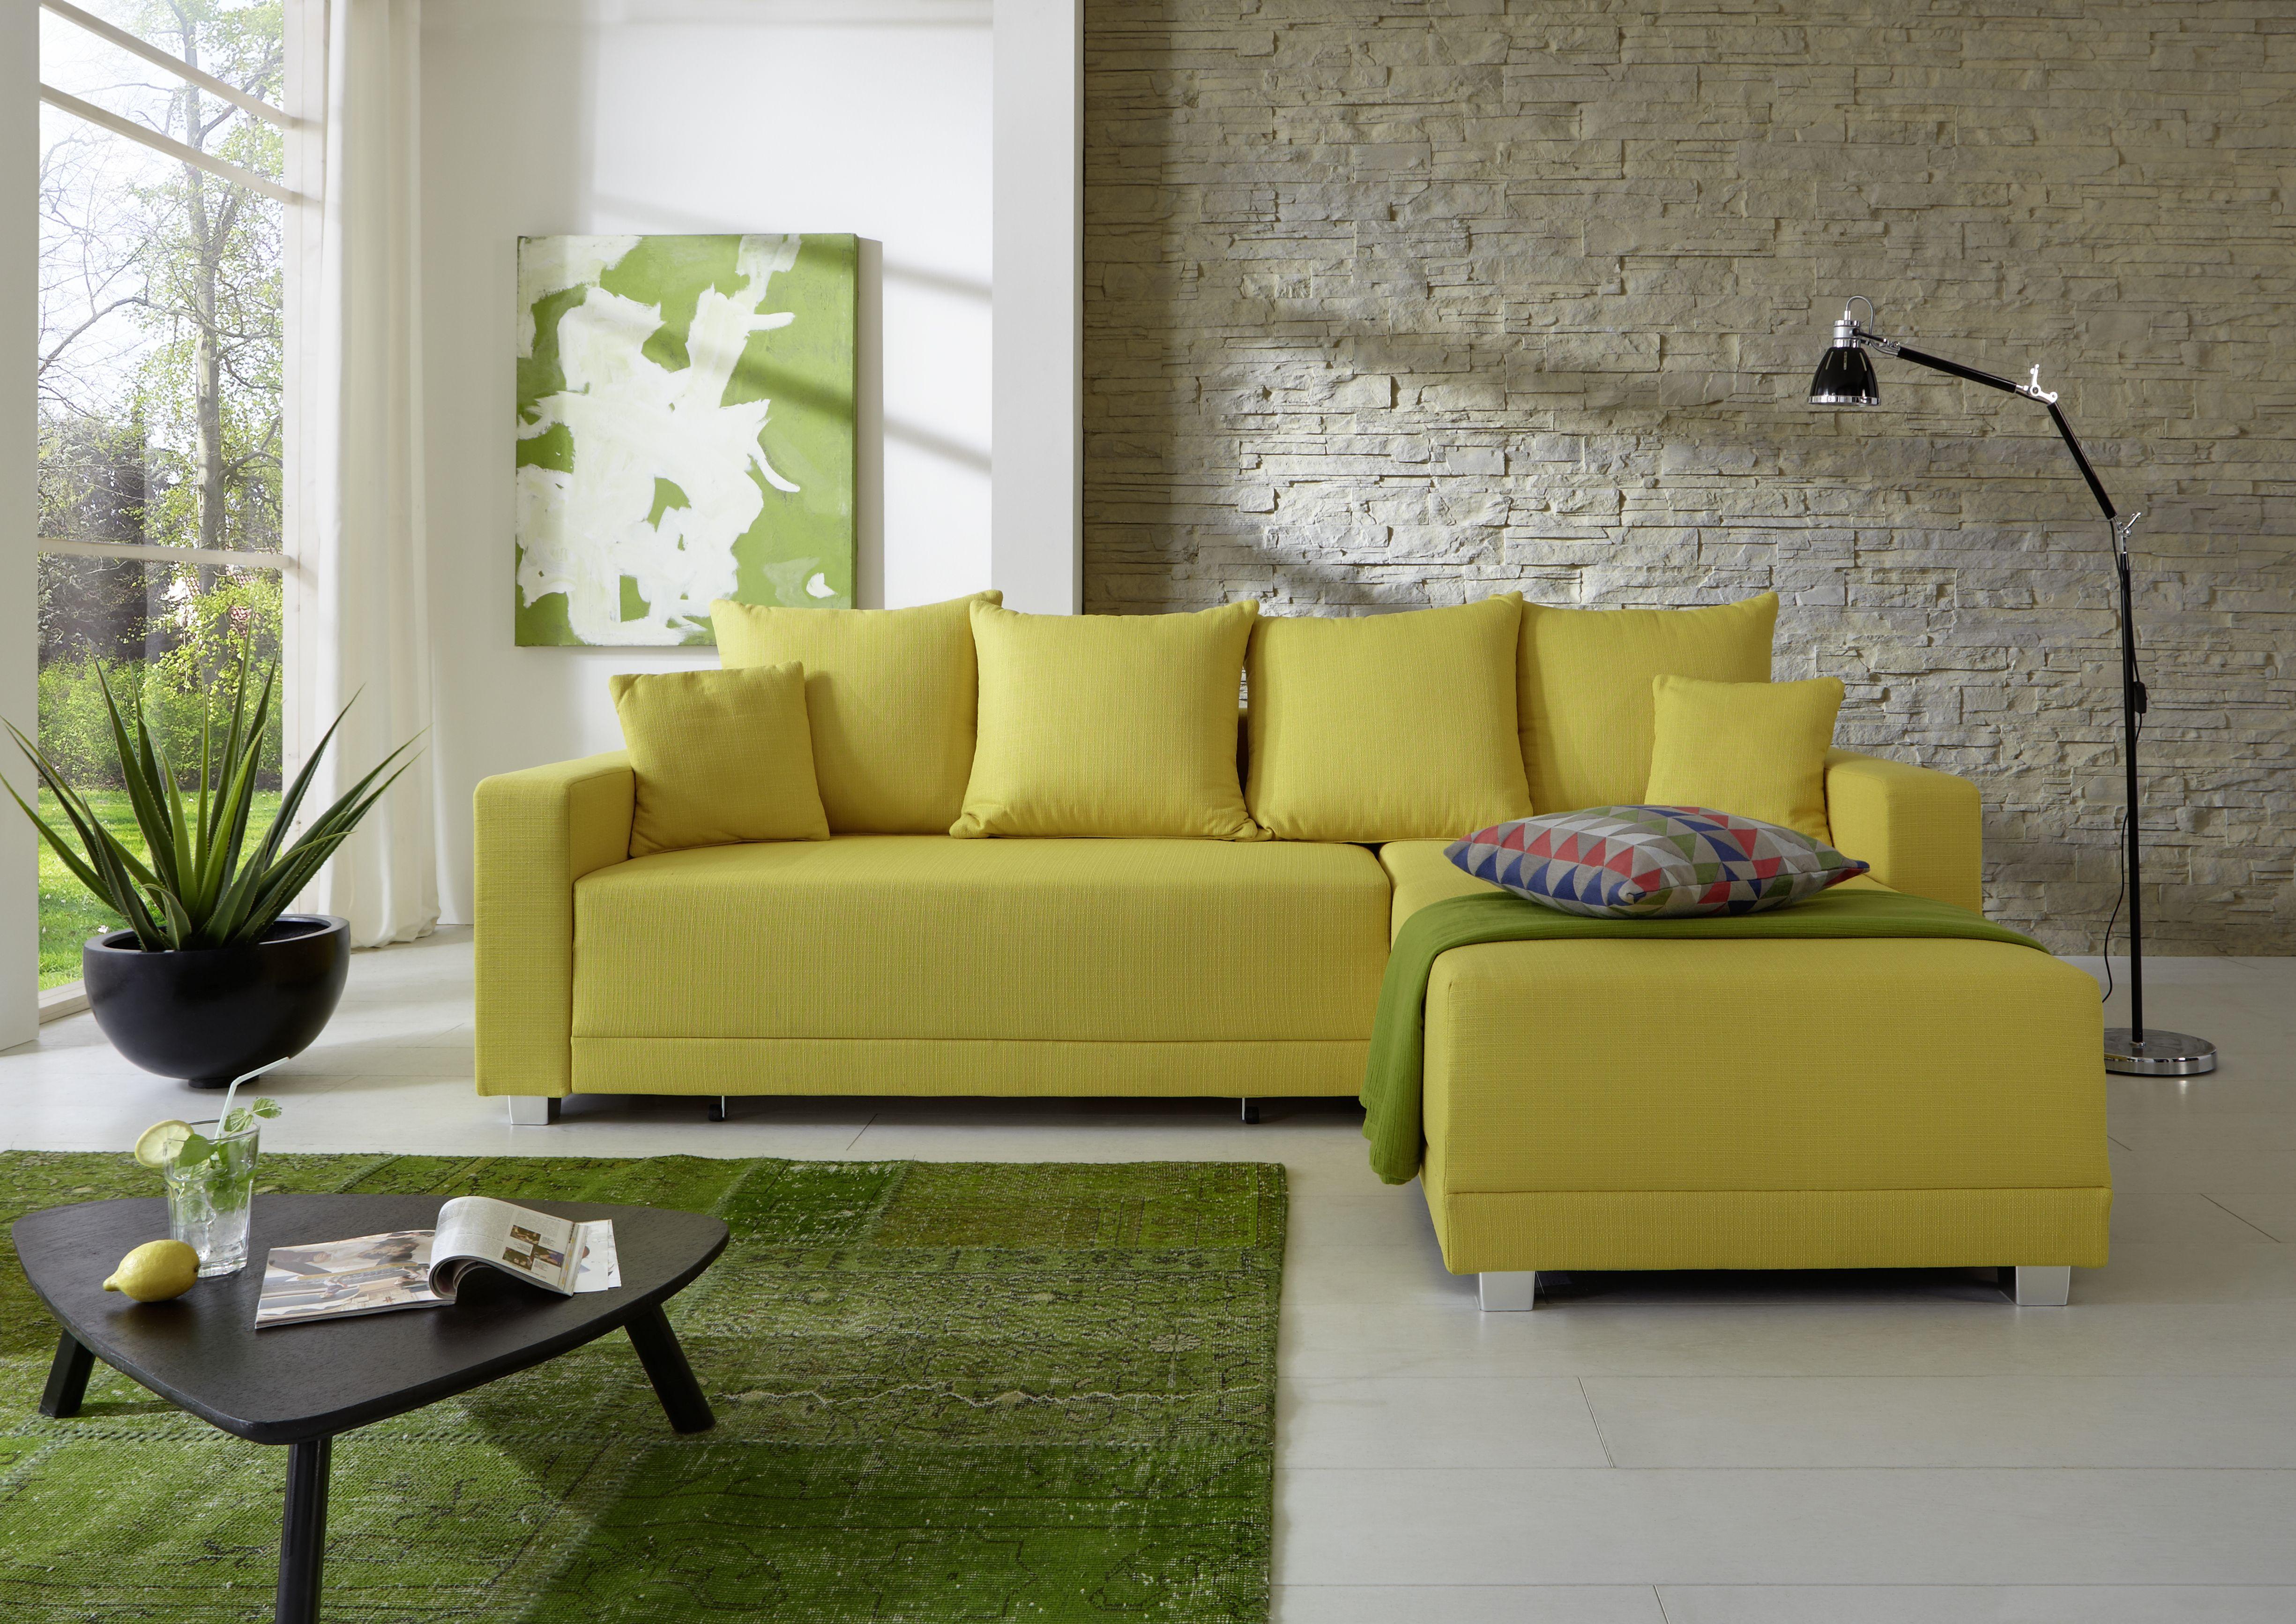 m bel haus 24 wohnzimmer sofa pisa m belhaus 24 online m bel kaufen qualit t zu fairen